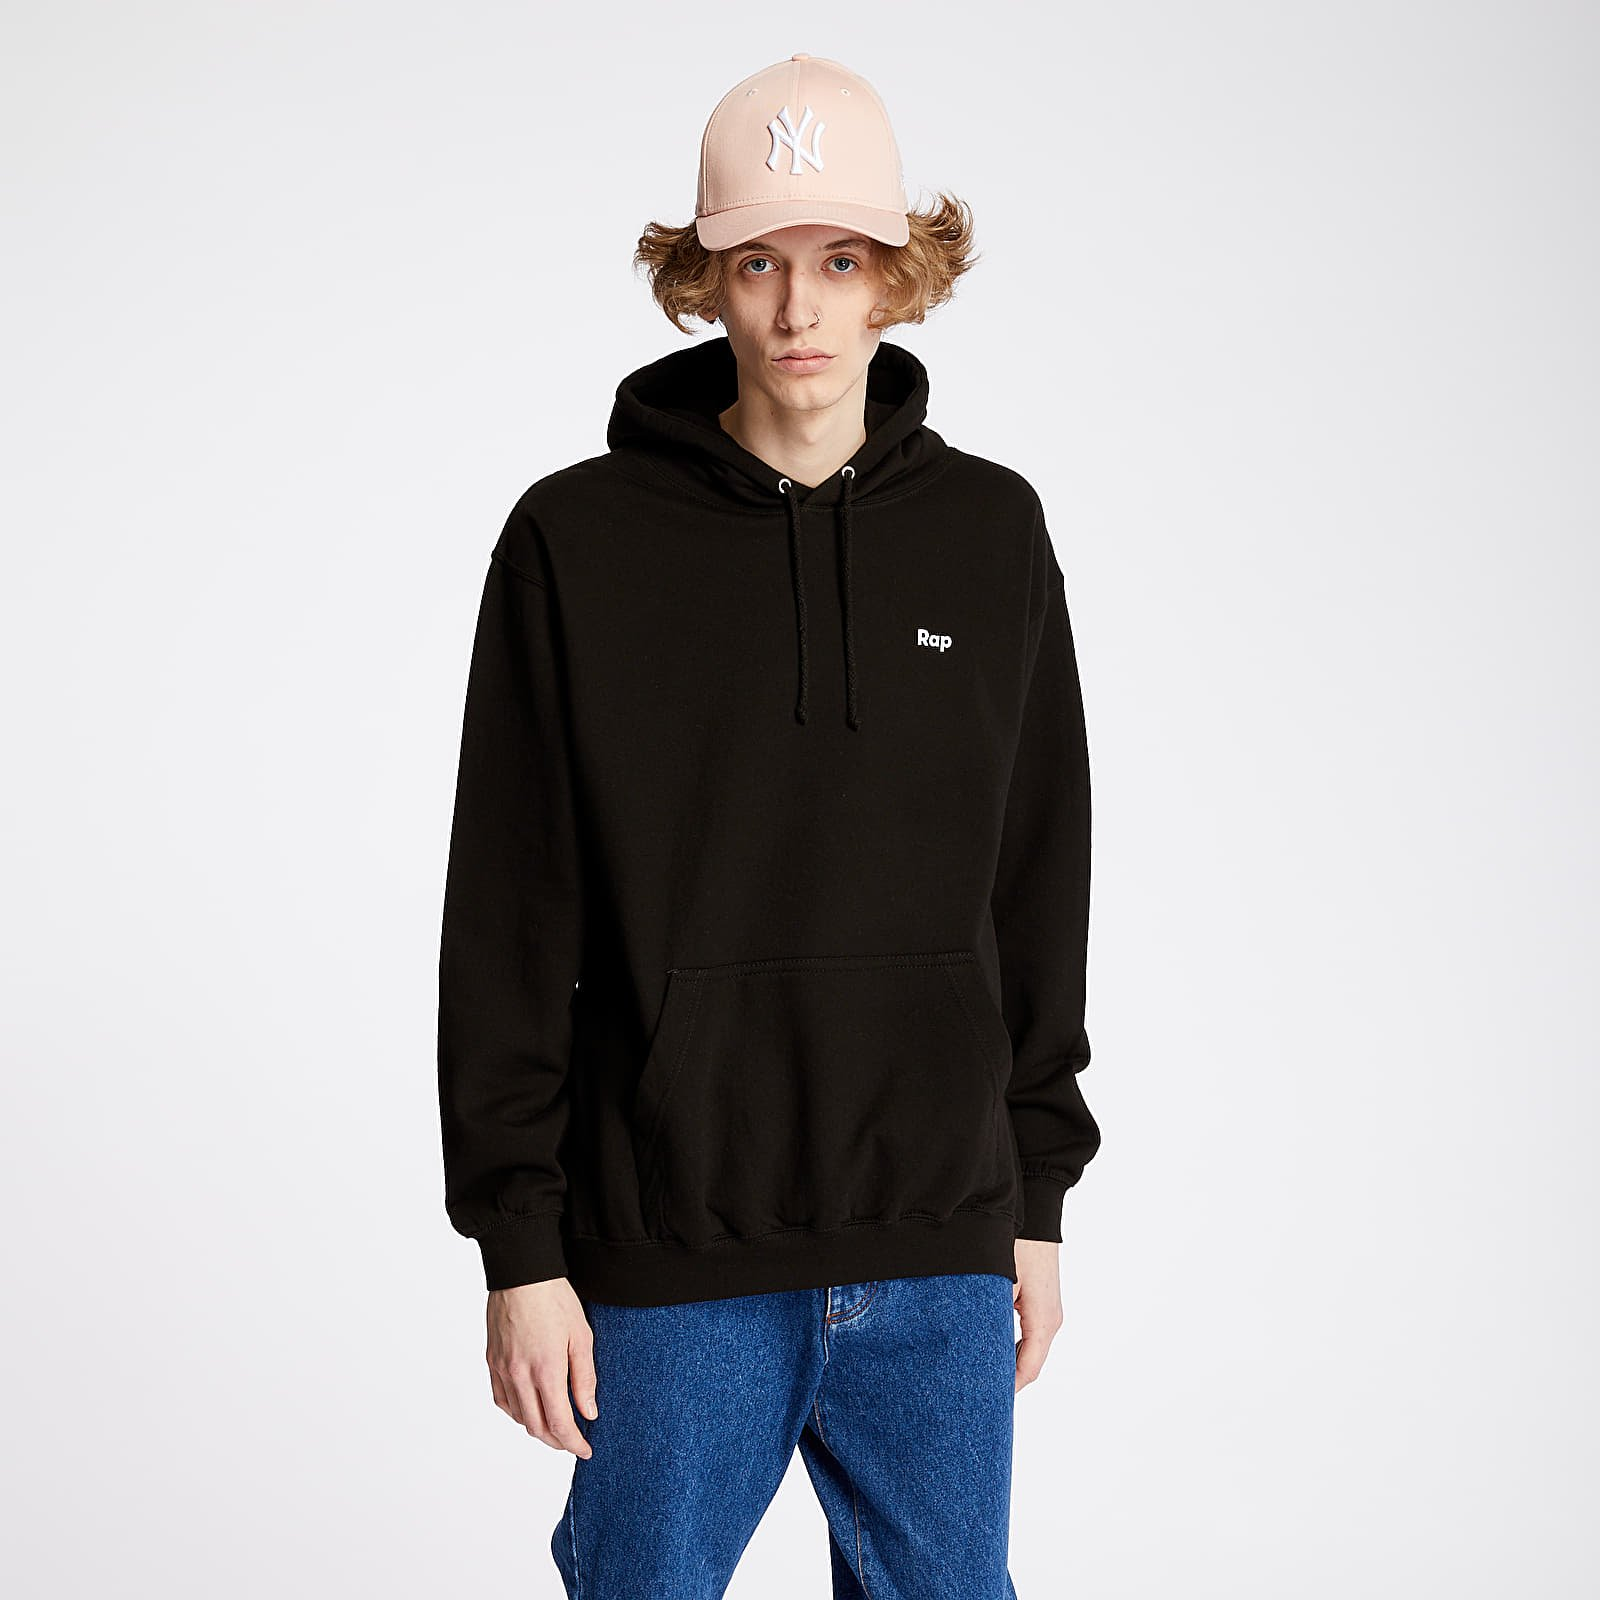 Sweatshirts RAP Hoodie Black